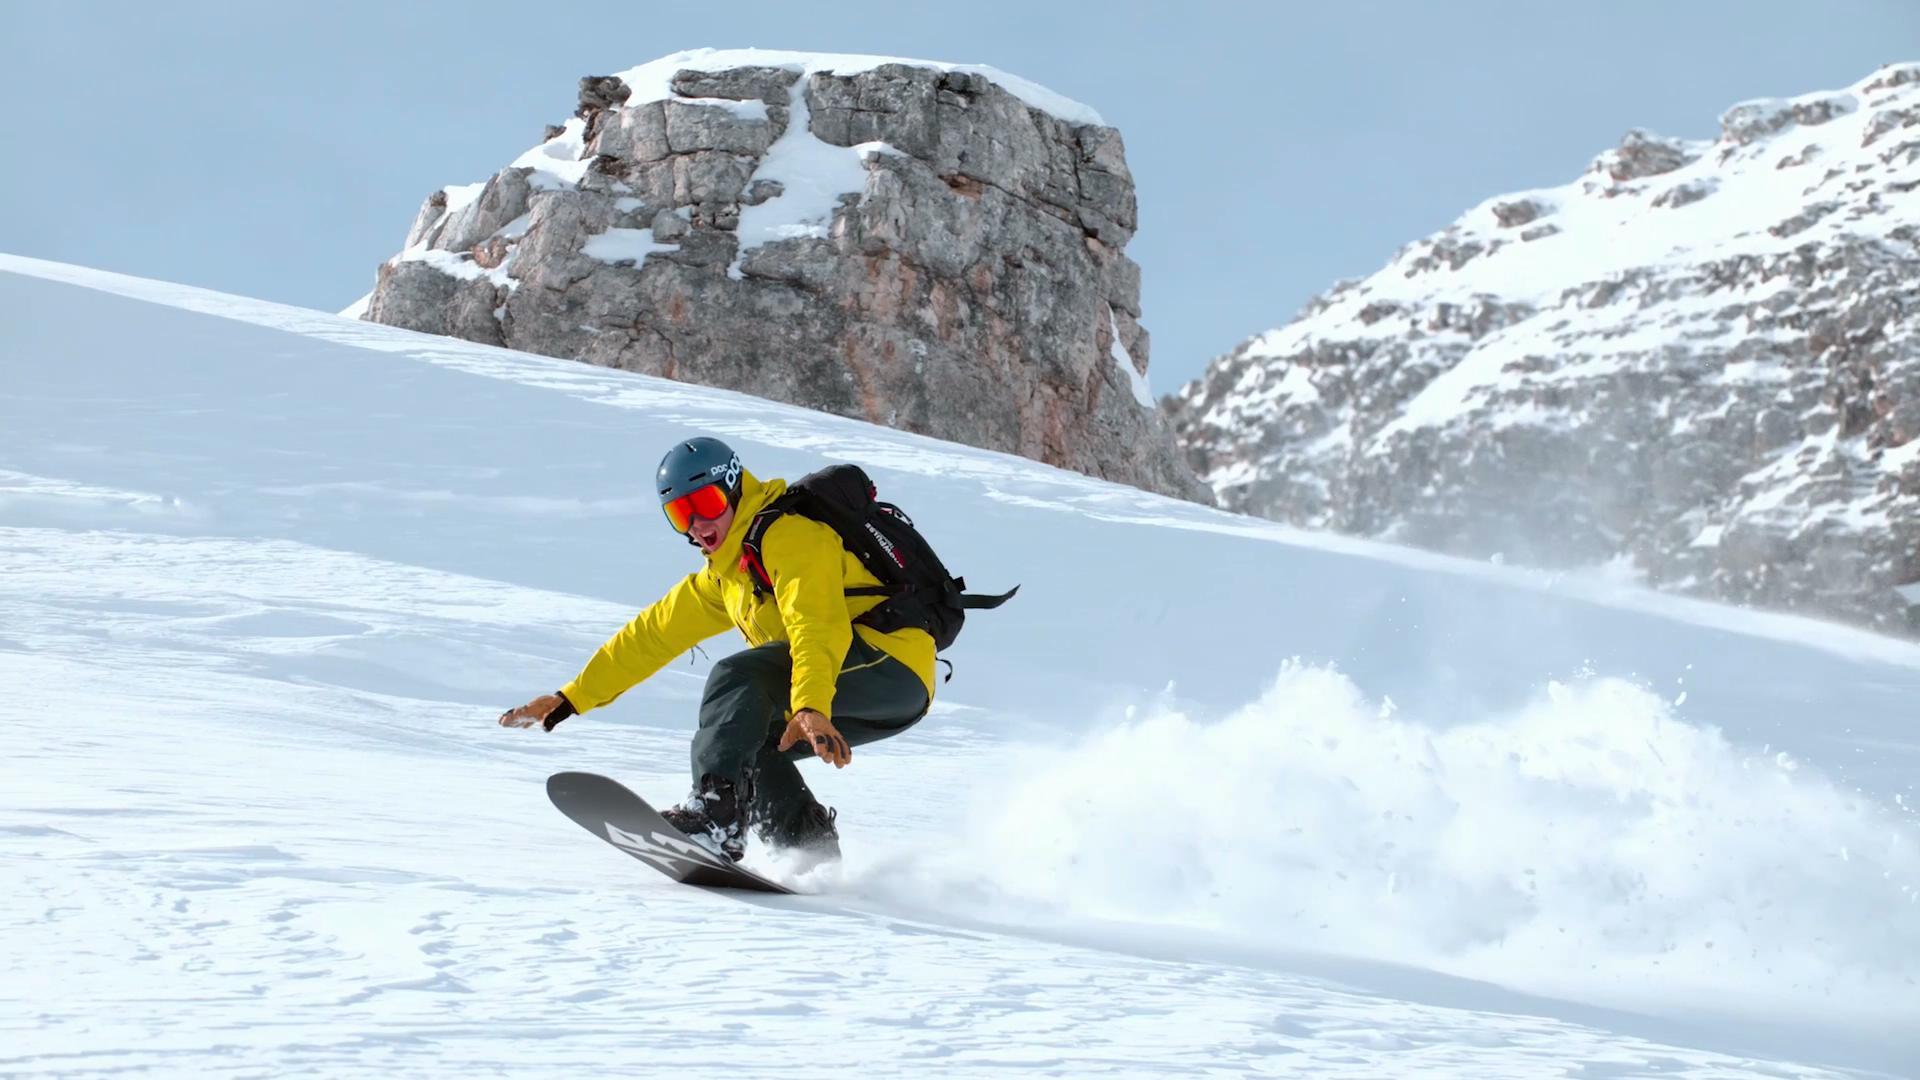 冰天雪地滑雪极限运动航拍视频